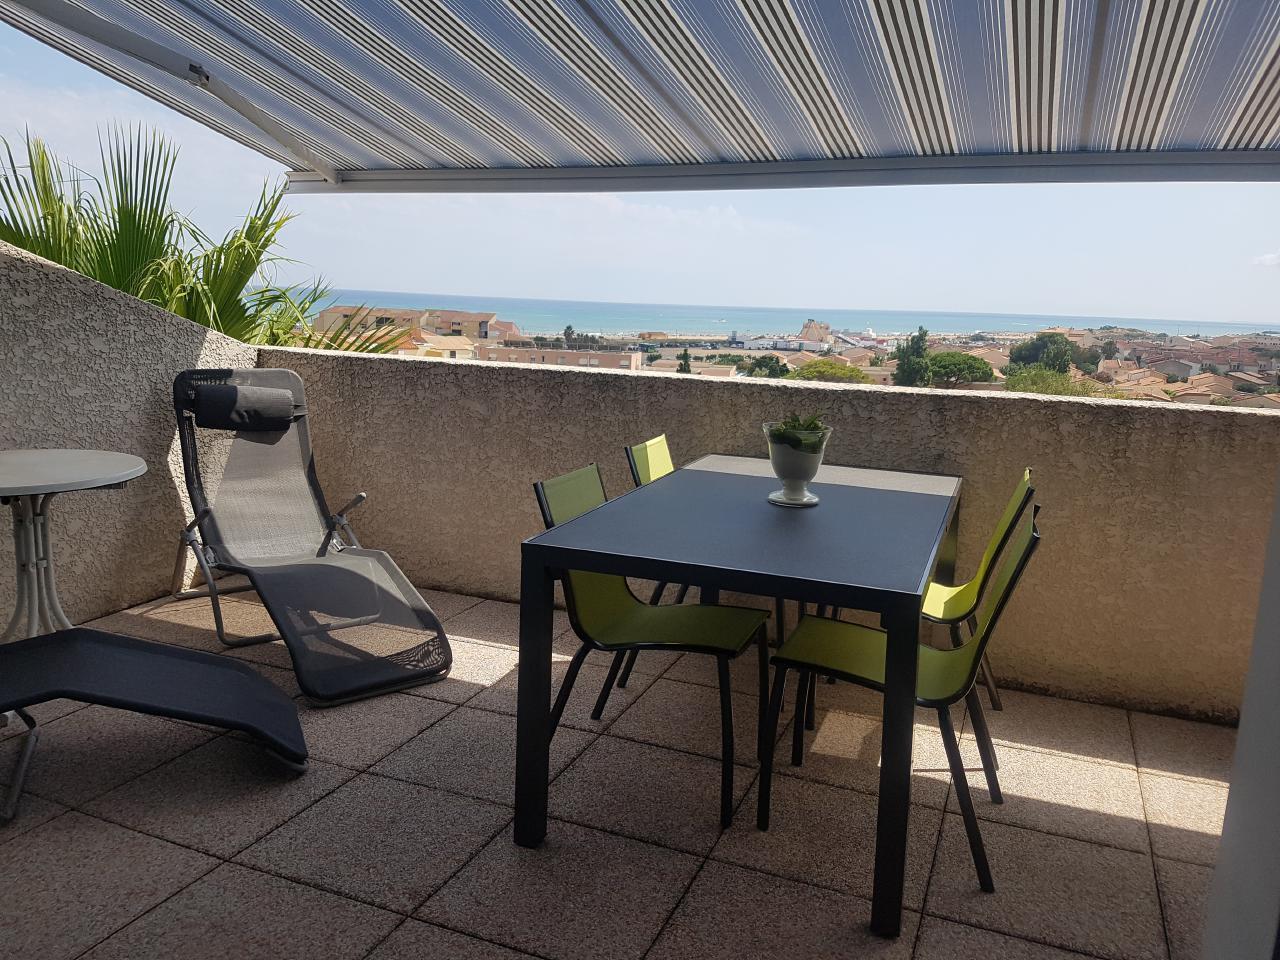 Ferienhaus Terrassenhaus Mer-Indigo mit Sonnenterrasse und 180 Grad traumhaftem Blick  über dem Meer (129969), Saint Pierre sur Mer, Mittelmeerküste Aude, Languedoc-Roussillon, Frankreich, Bild 24